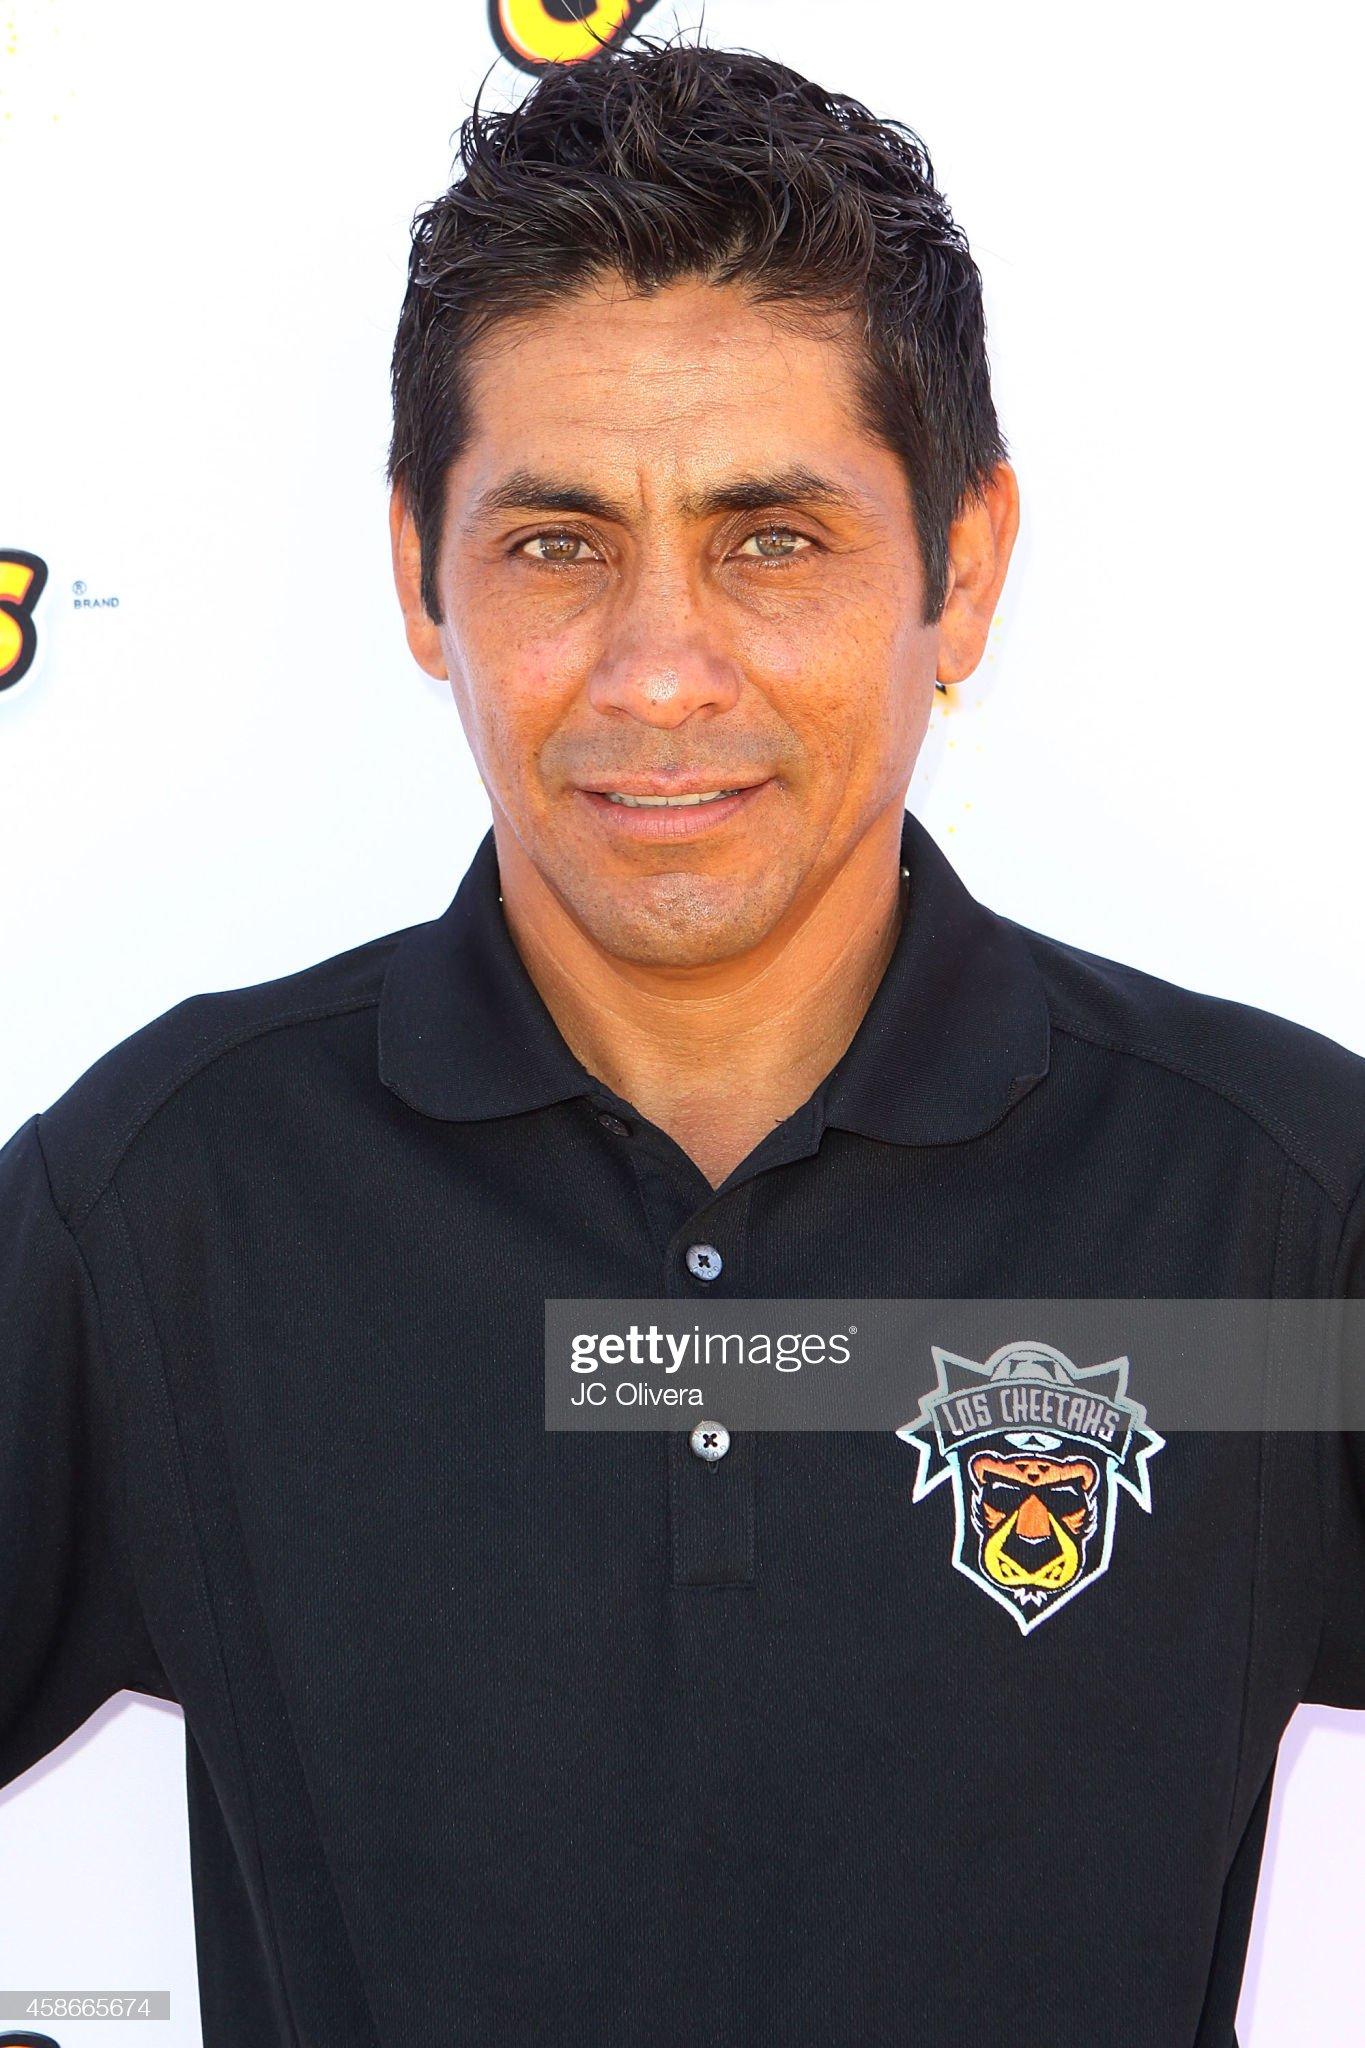 COLOR DE OJOS (clasificación y debate de personas famosas) - Página 4 Jorge-campos-attends-trick-soccer-team-los-cheetahs-kick-off-game-on-picture-id458665674?s=2048x2048